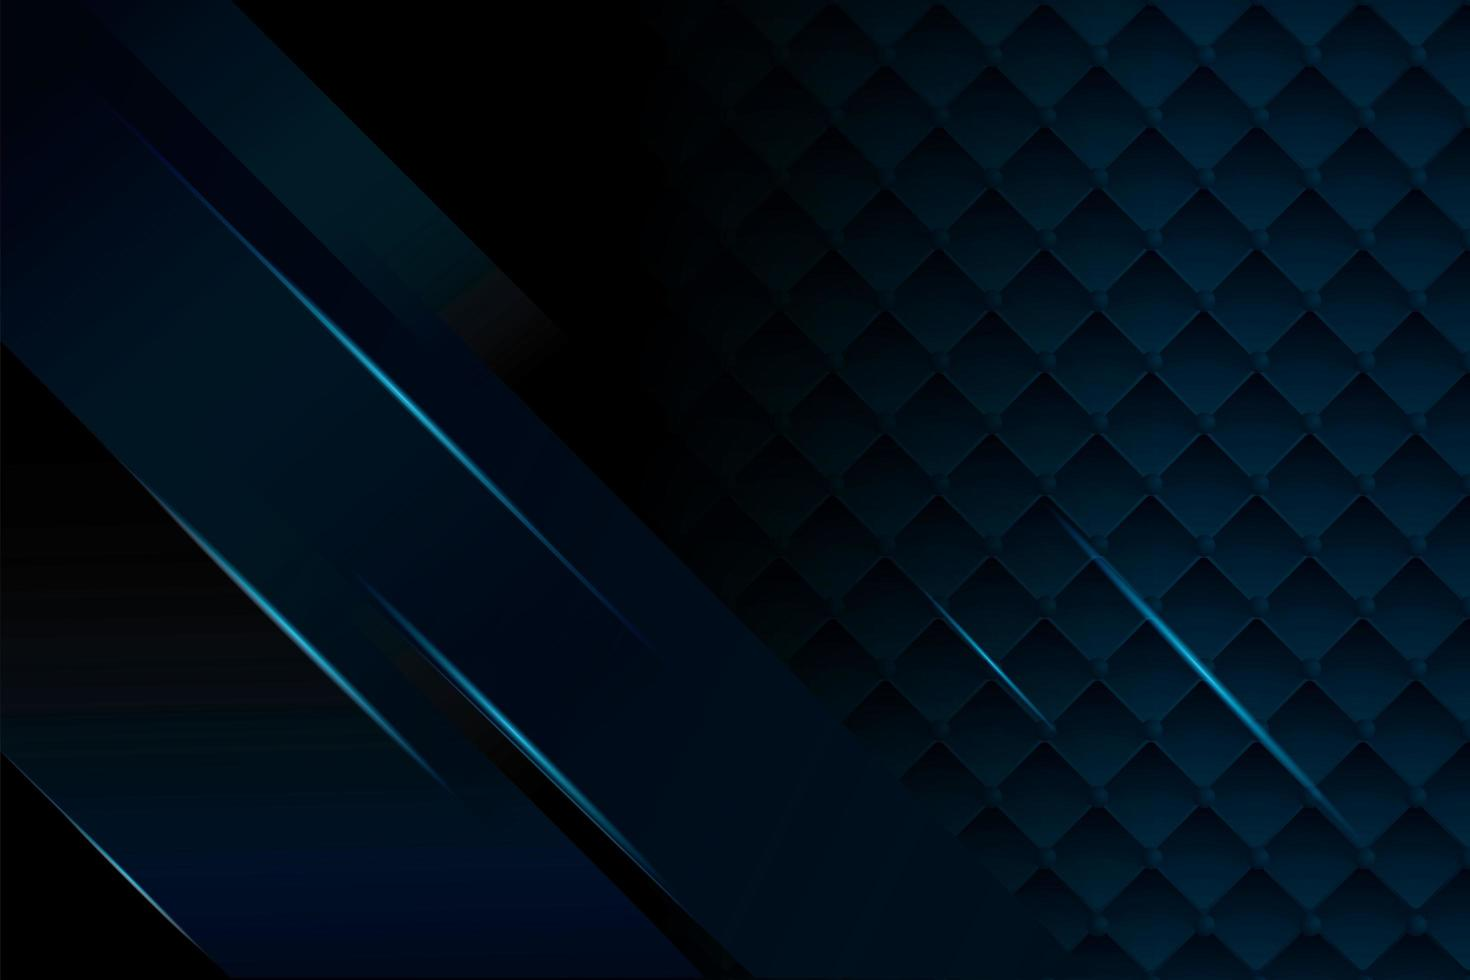 élégant fond noir et bleu foncé vecteur